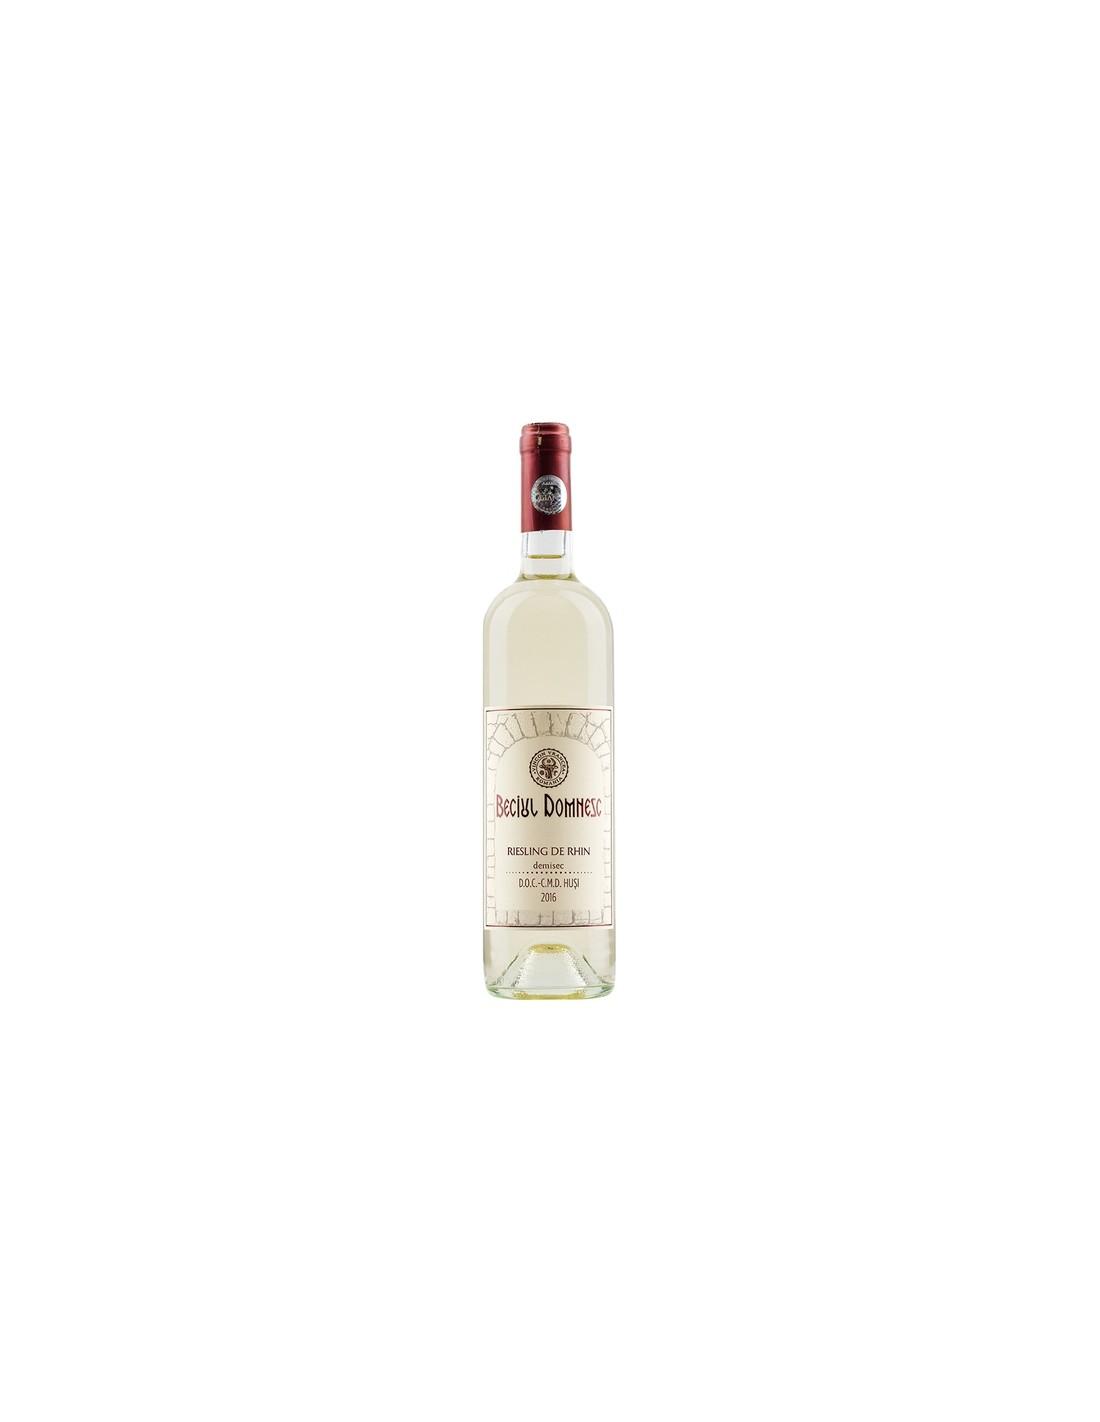 Vin alb demisec, Riesling, Beciul Domnesc Husi, 0.75L, 13.5% alc., Romania